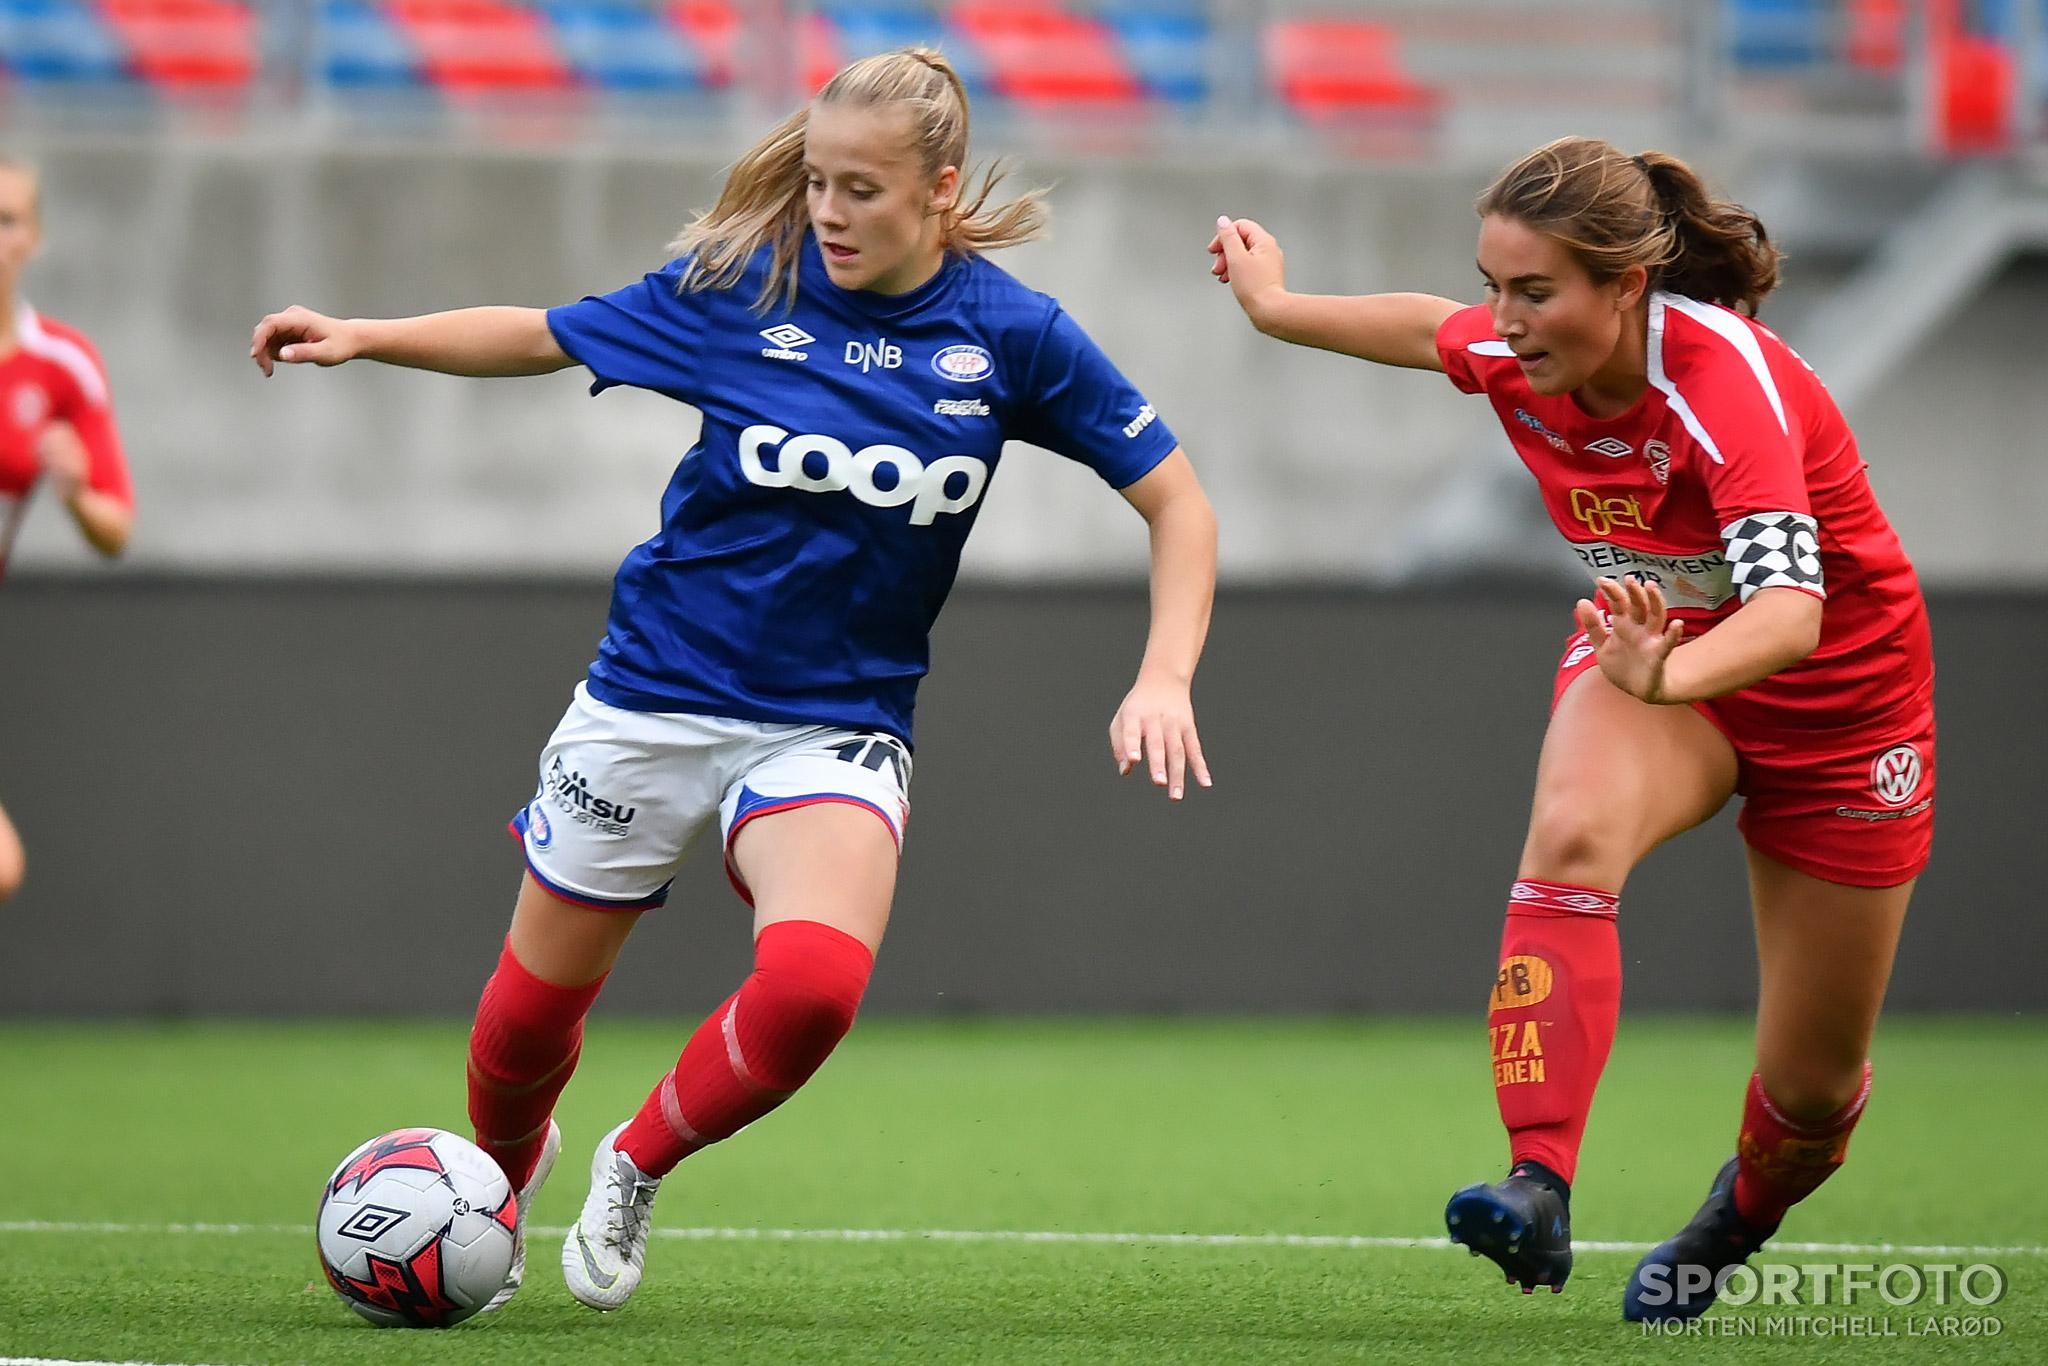 Emilie Libakken Østerås skal ut i EM-kvalifisering